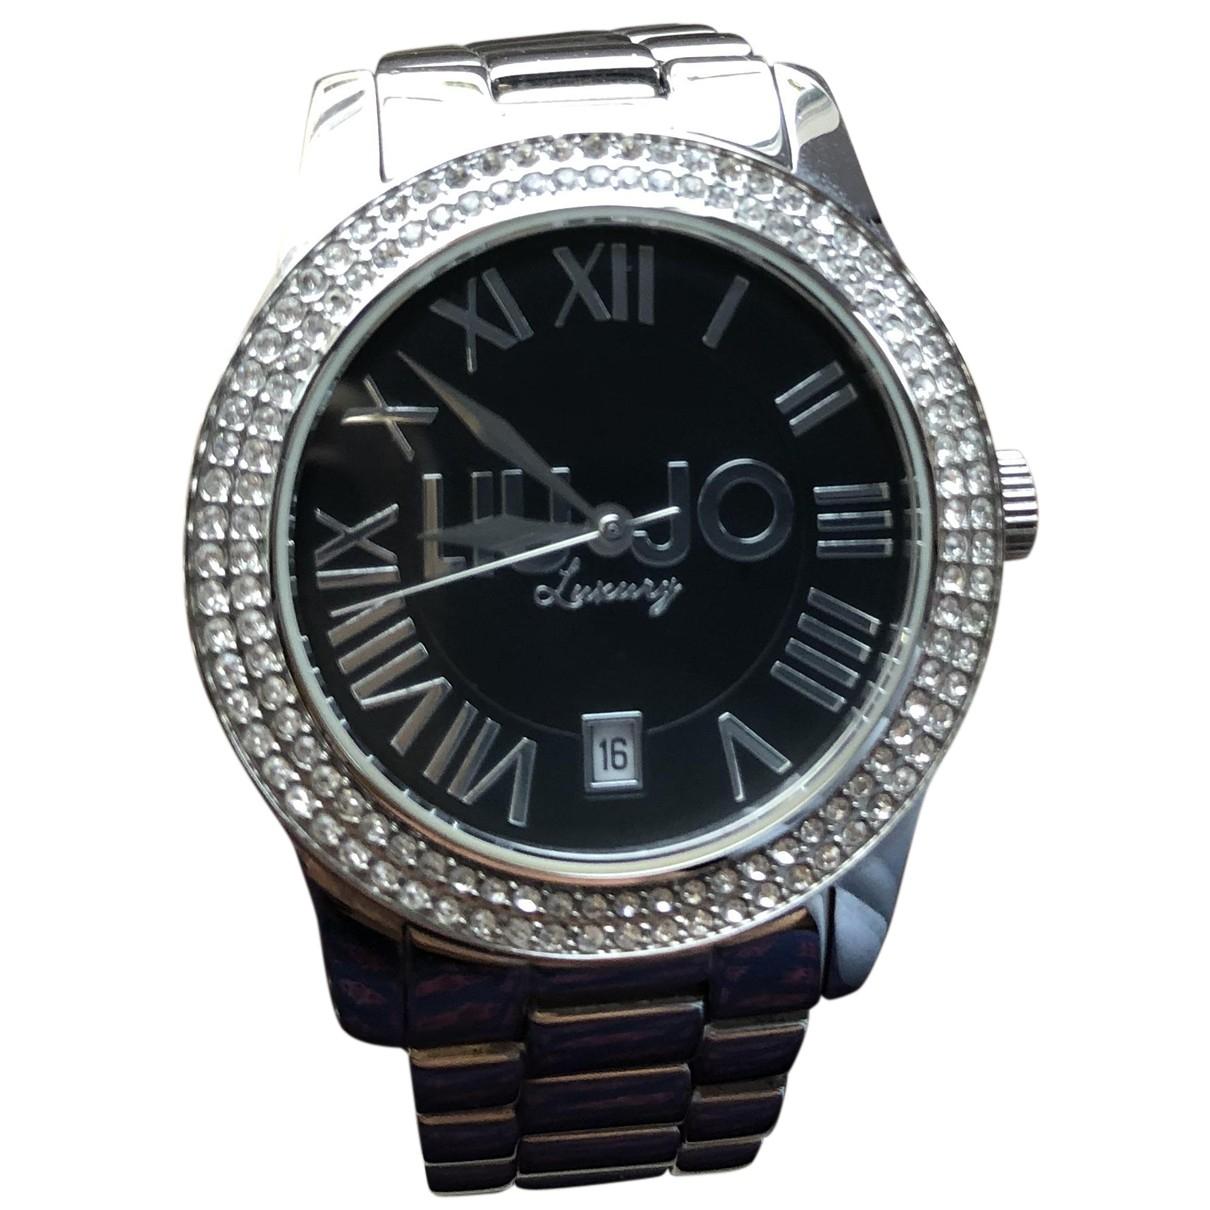 Liu.jo N Black Steel watch for Women N